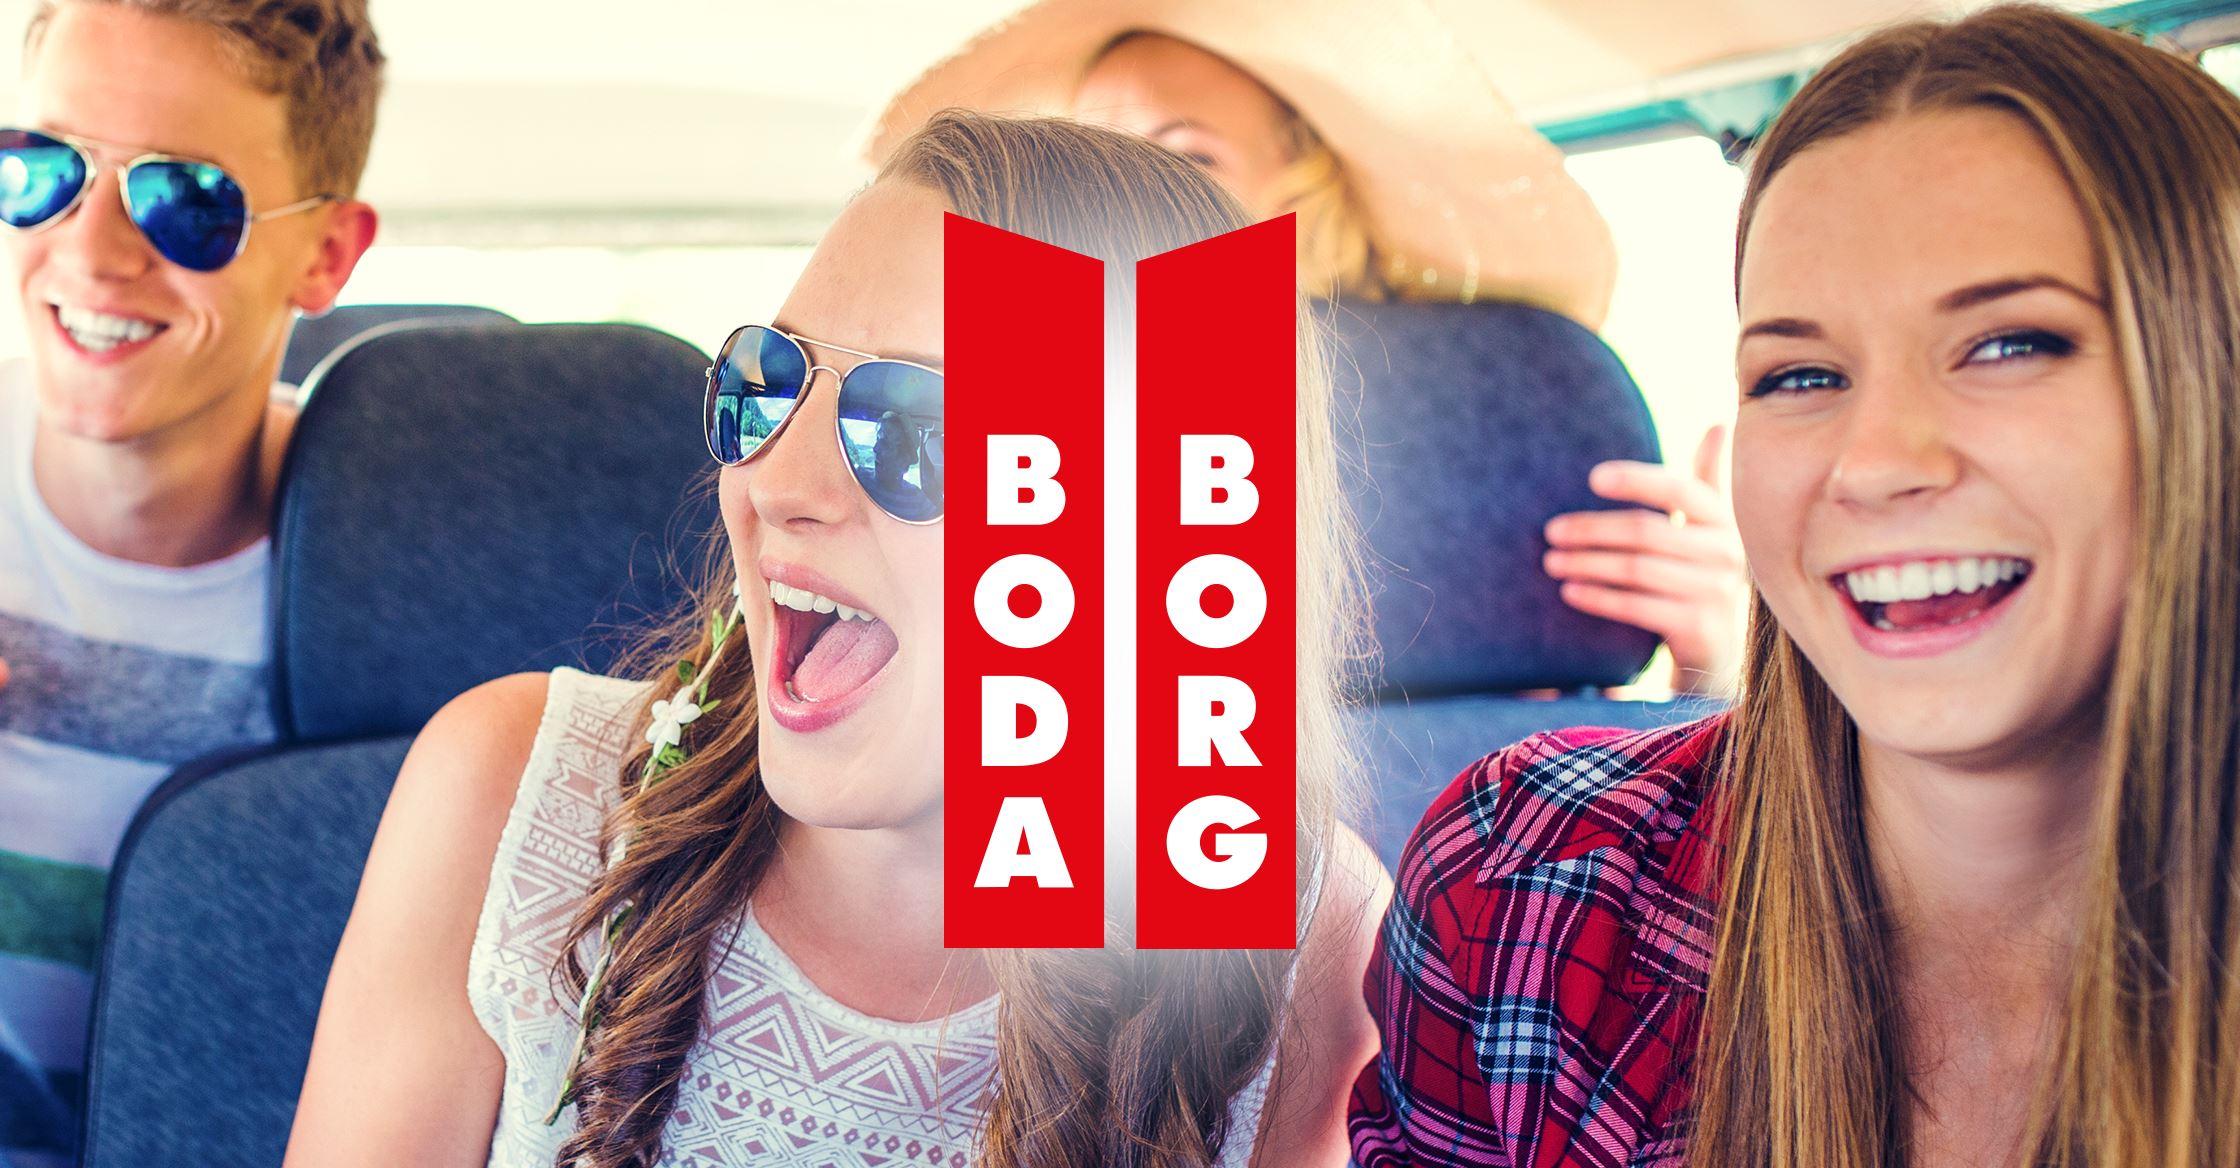 Entrébiljett - Boda Borg